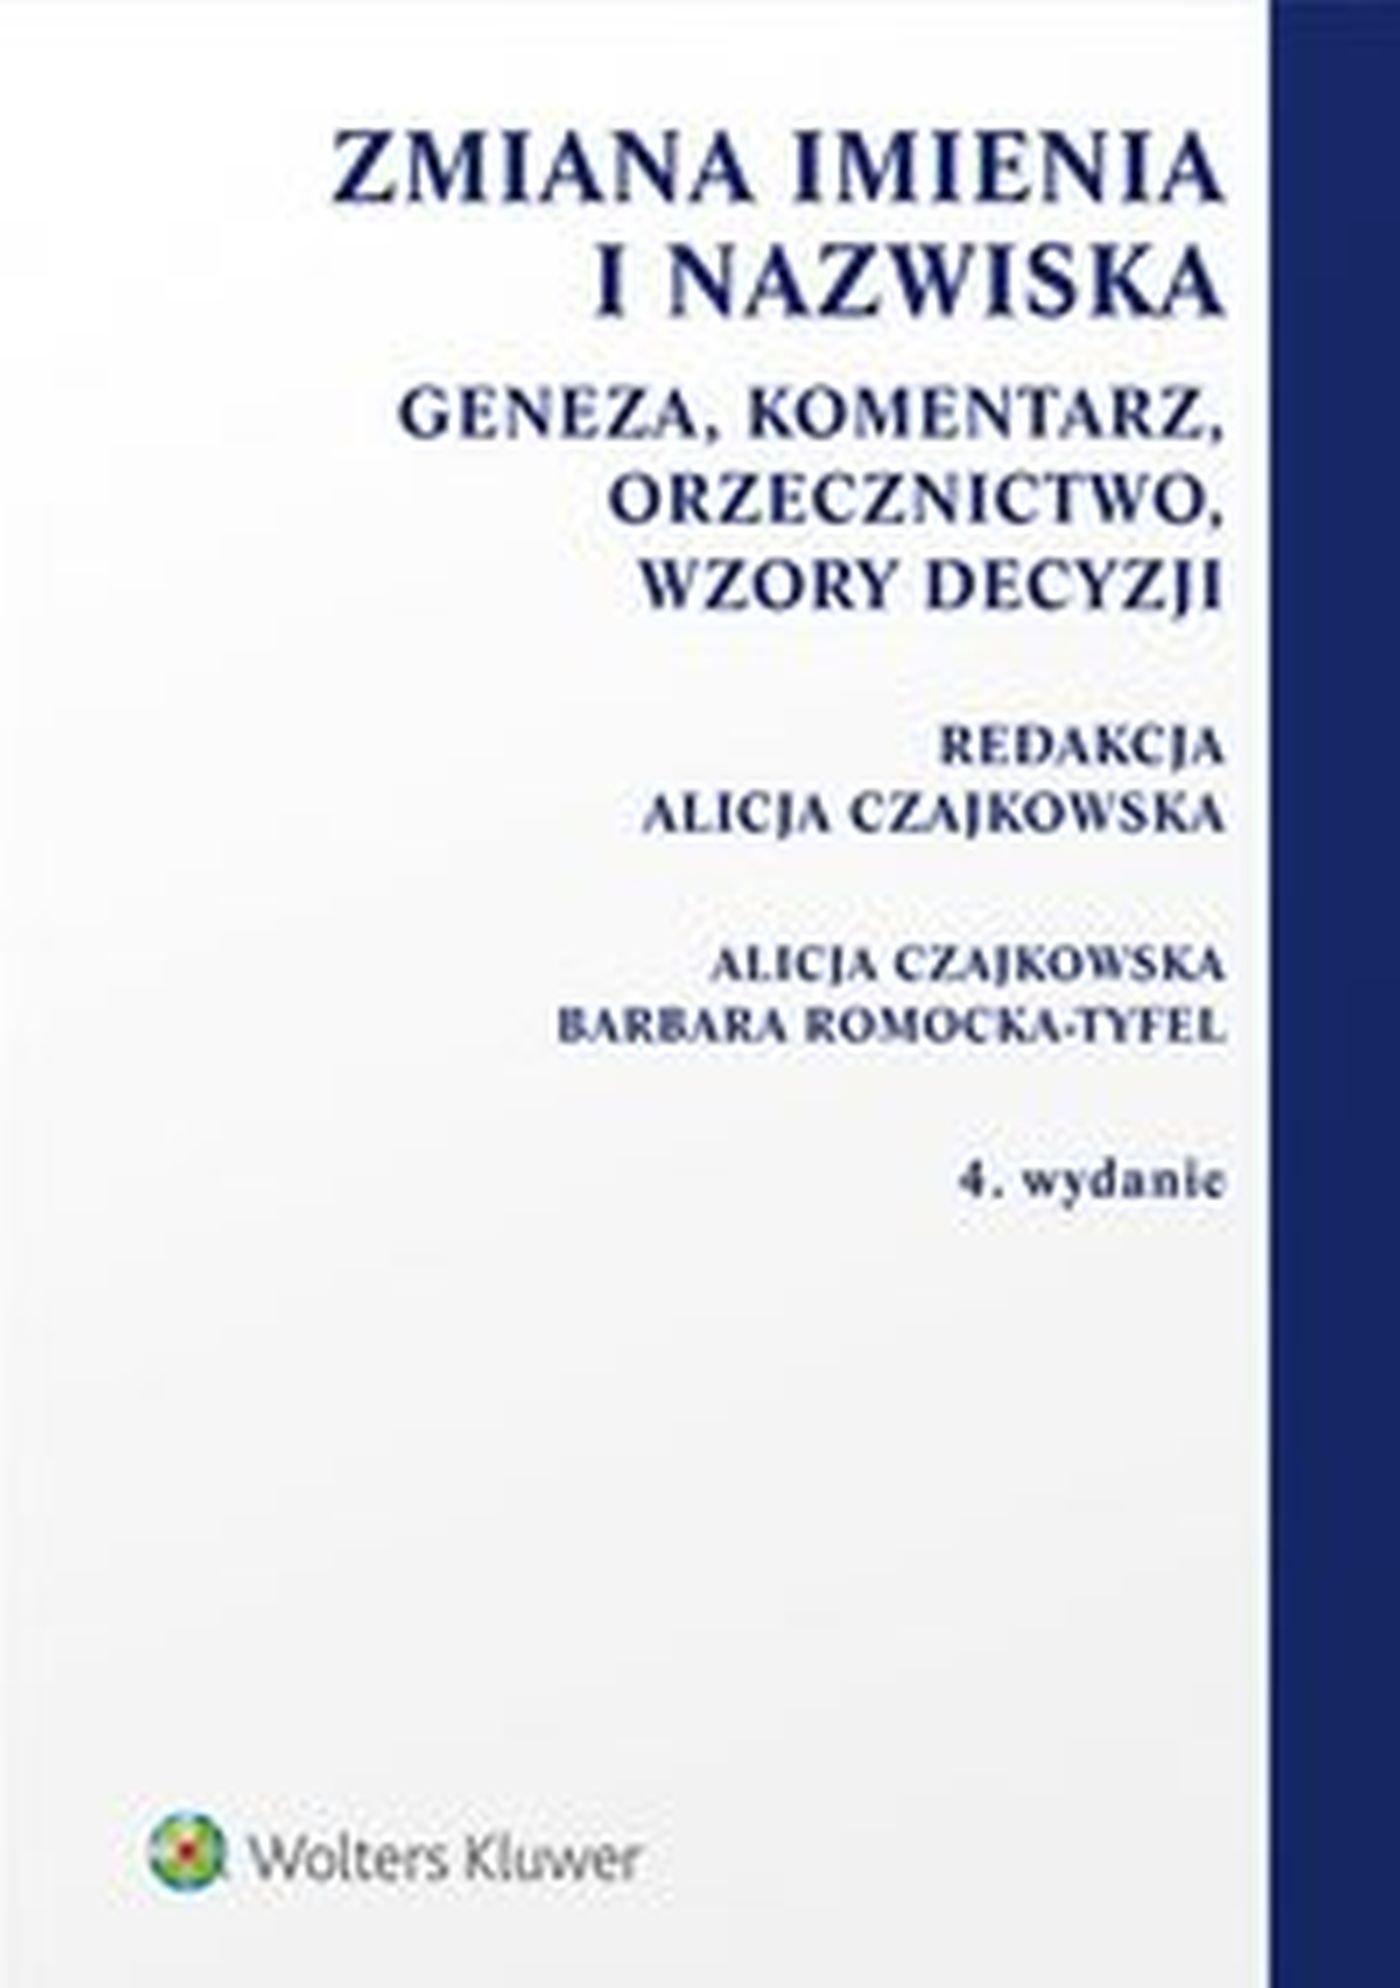 Zmiana imienia i nazwiska. Geneza, komentarz, orzecznictwo, wzory decyzji - Ebook (Książka EPUB) do pobrania w formacie EPUB